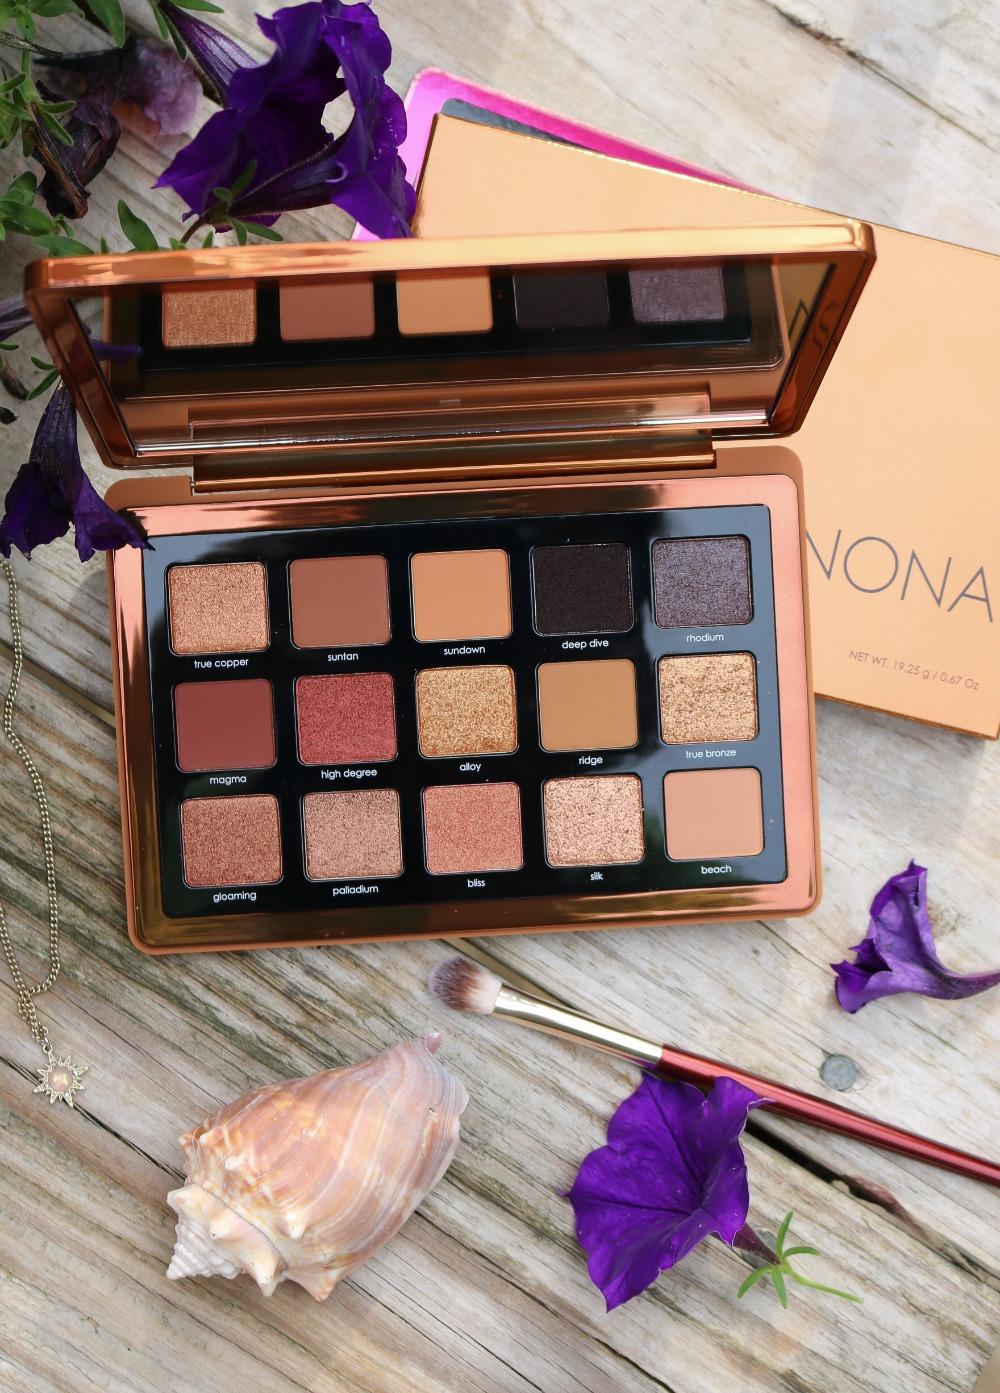 Natasha Denona Bronze Palette I Dreaminlace.com